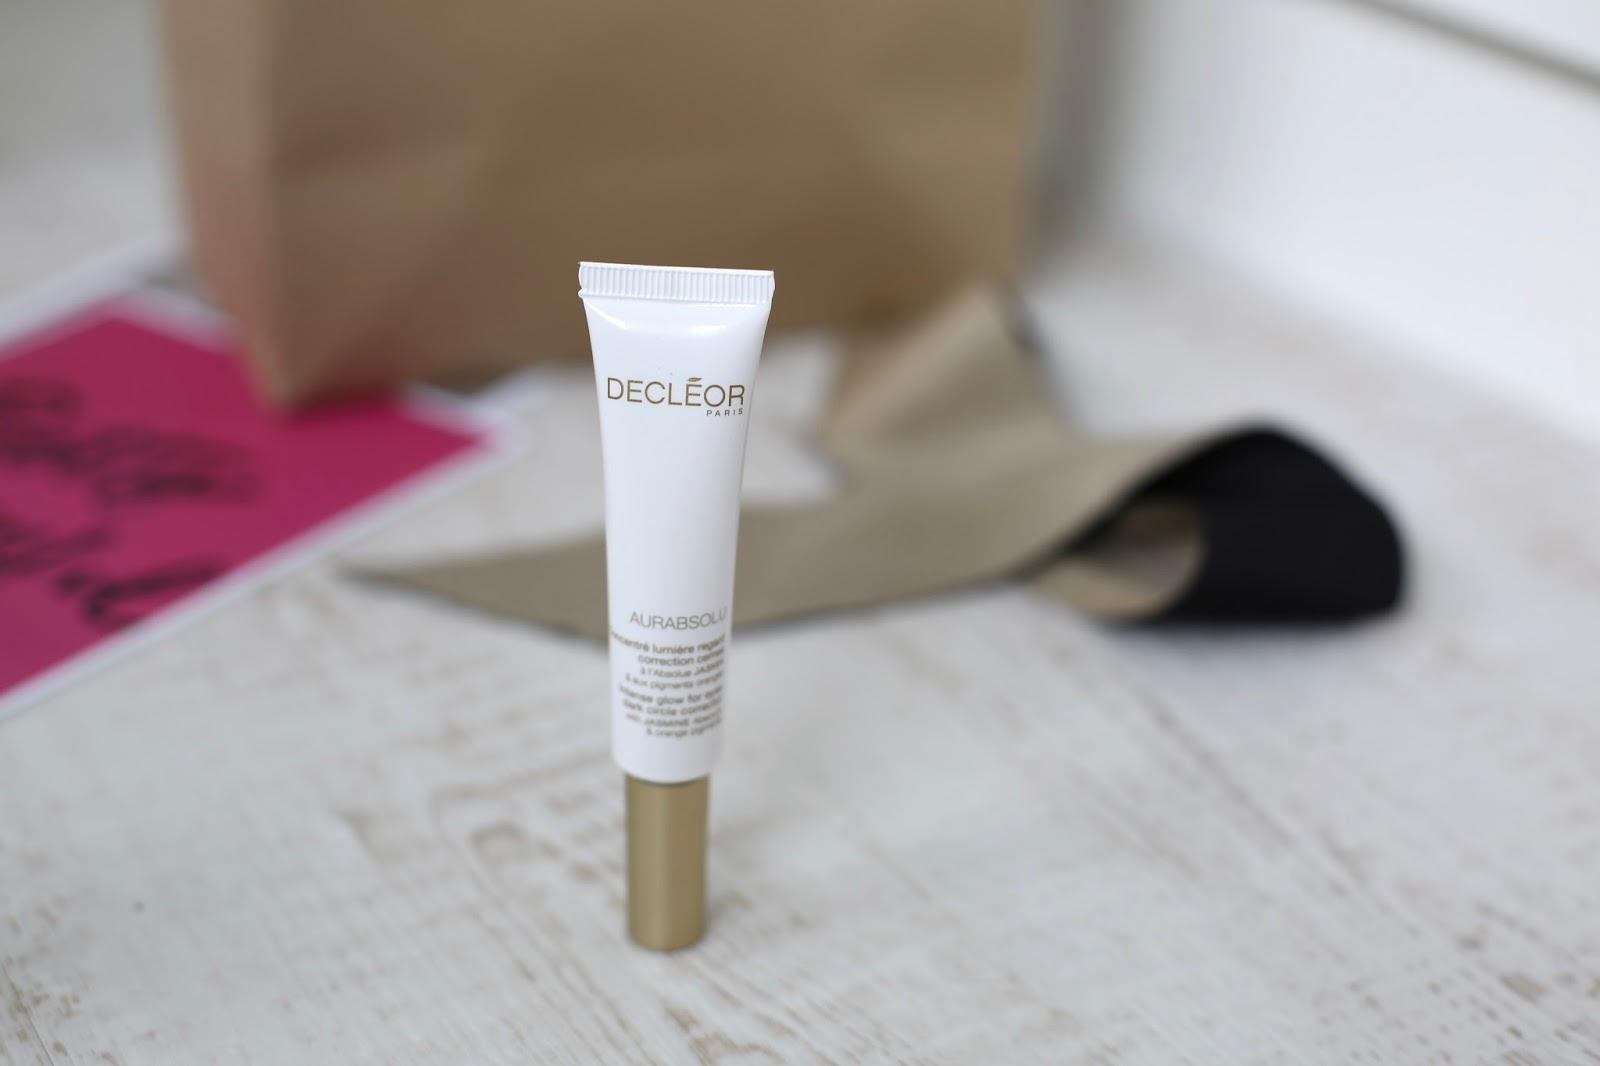 decleor eye cream